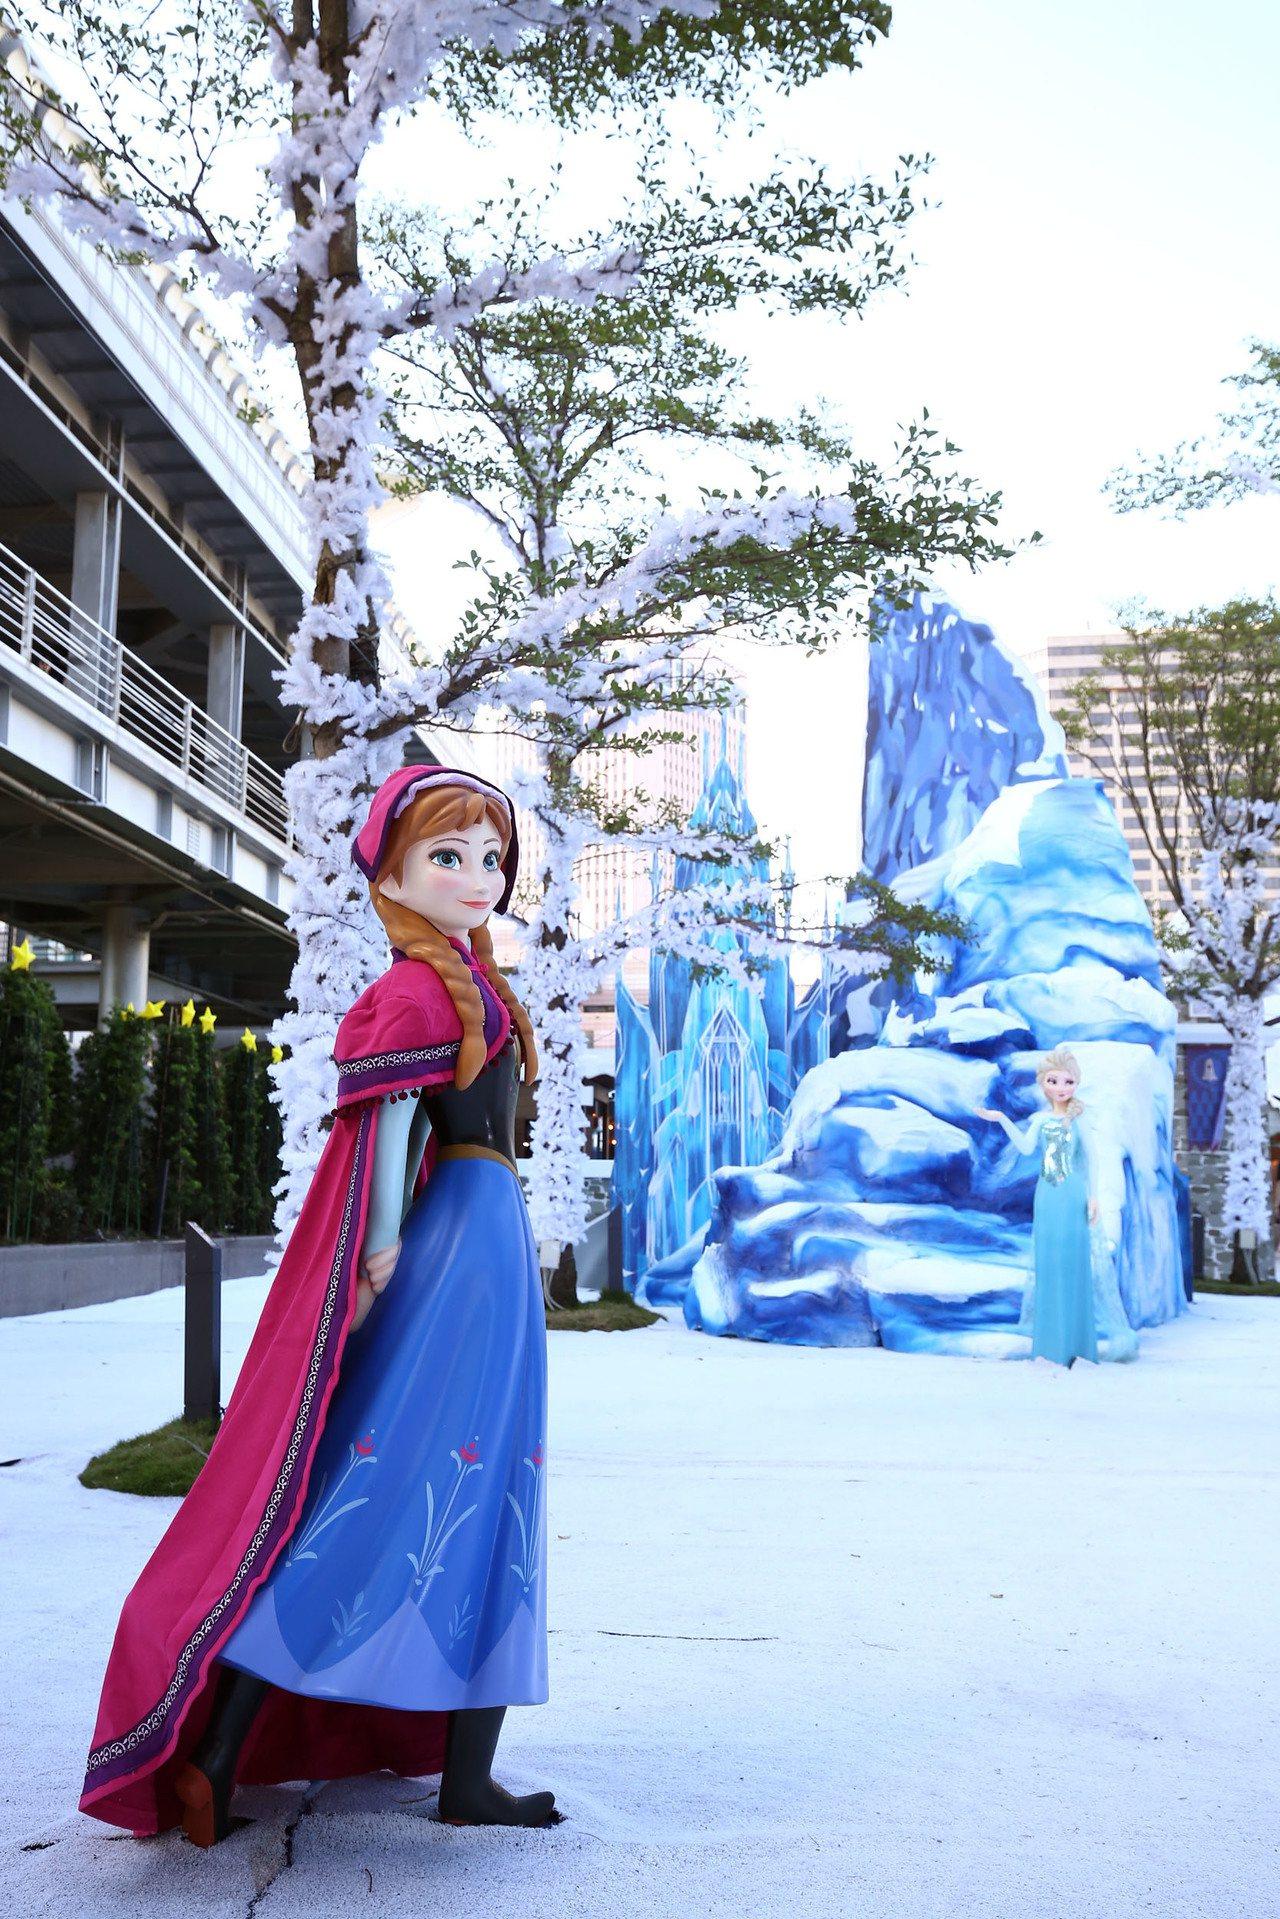 台北101推出「冰雪奇緣嘉年華」。圖/台灣華特迪士尼提供